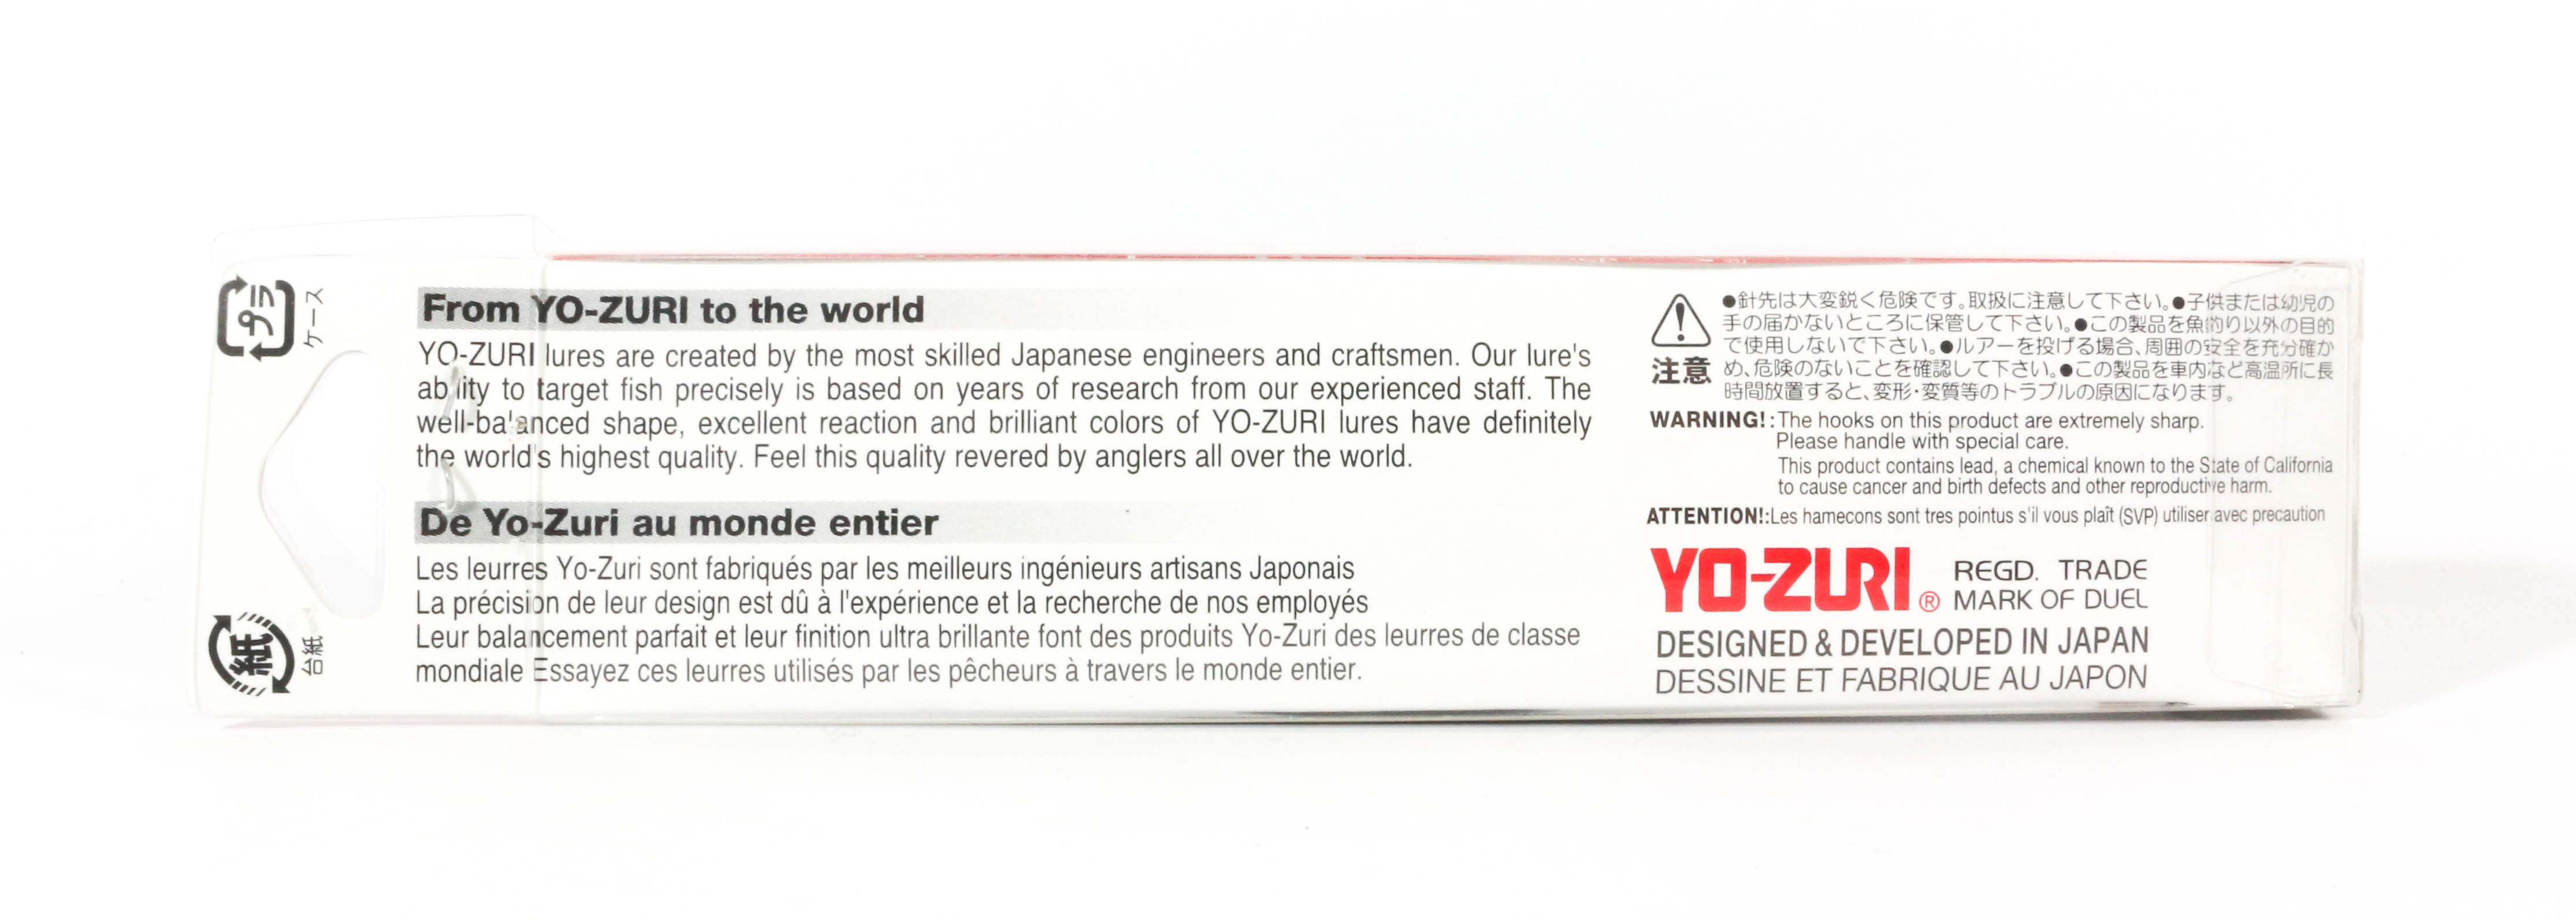 Yo Zuri Duel 3DS Minnow 100 mm Suspend Lure F1157-HHAY 8779